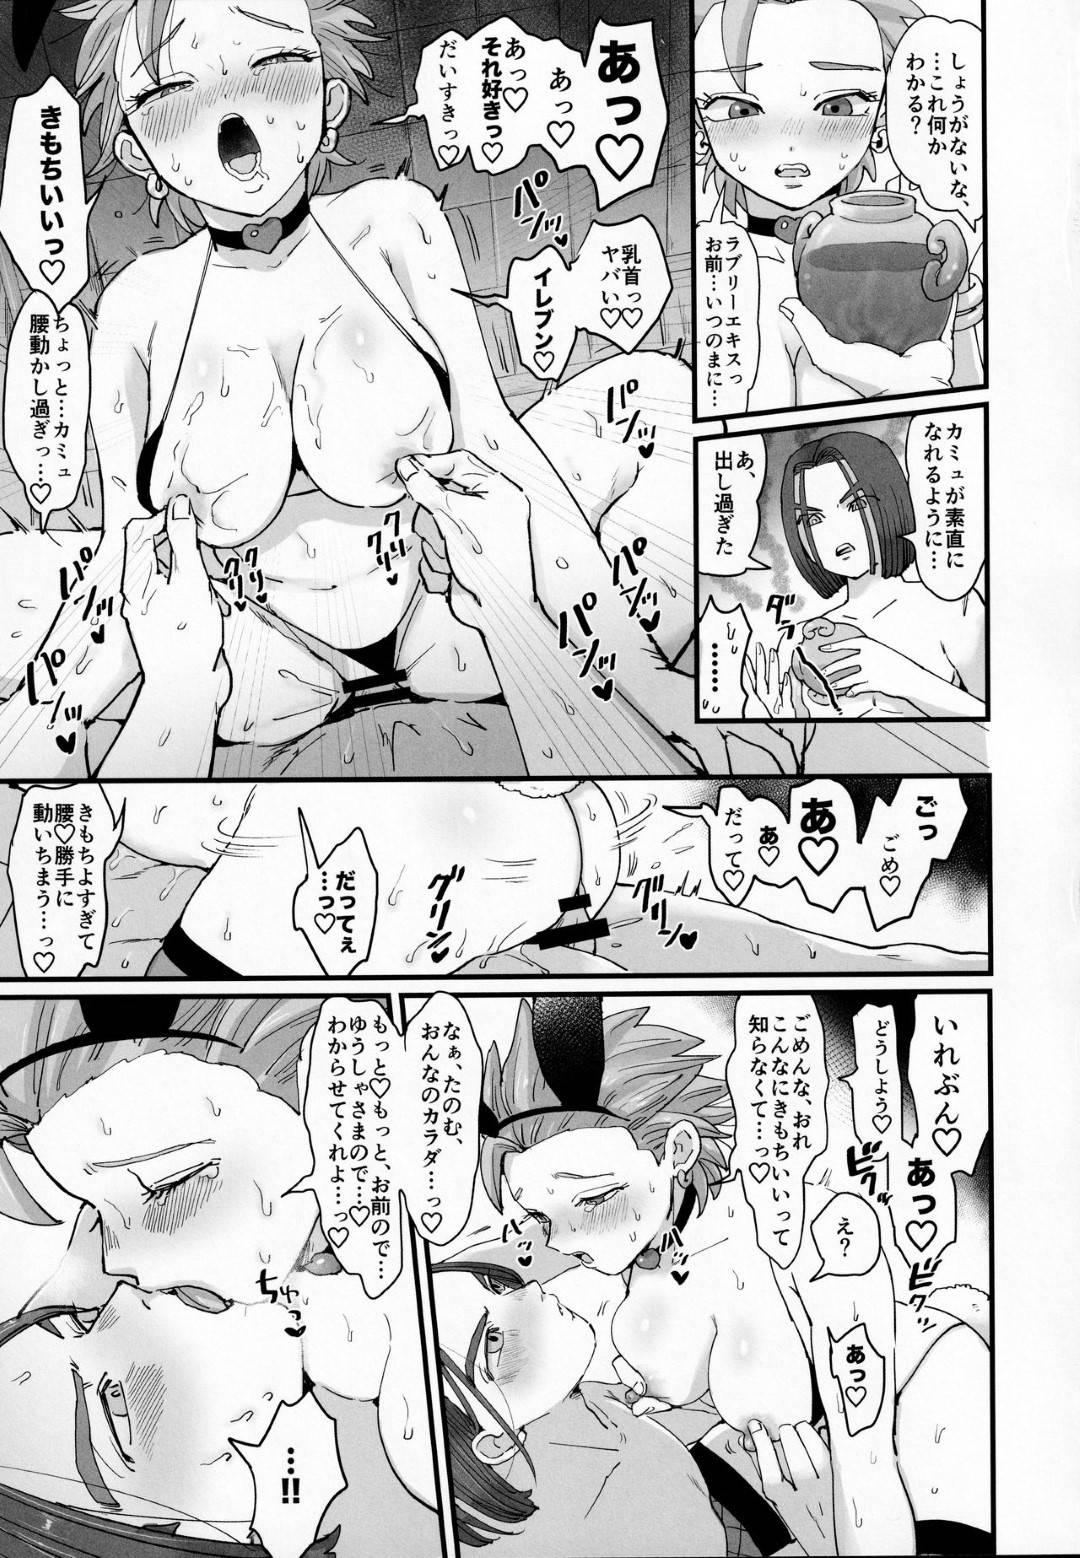 【エロ漫画】呪いで女体化してしまったカミュ…宿でイレブンに告白されて迫られイチャラブ生ハメ中出しセックスしてメスイキしまくる【ドラクエXI/C97】